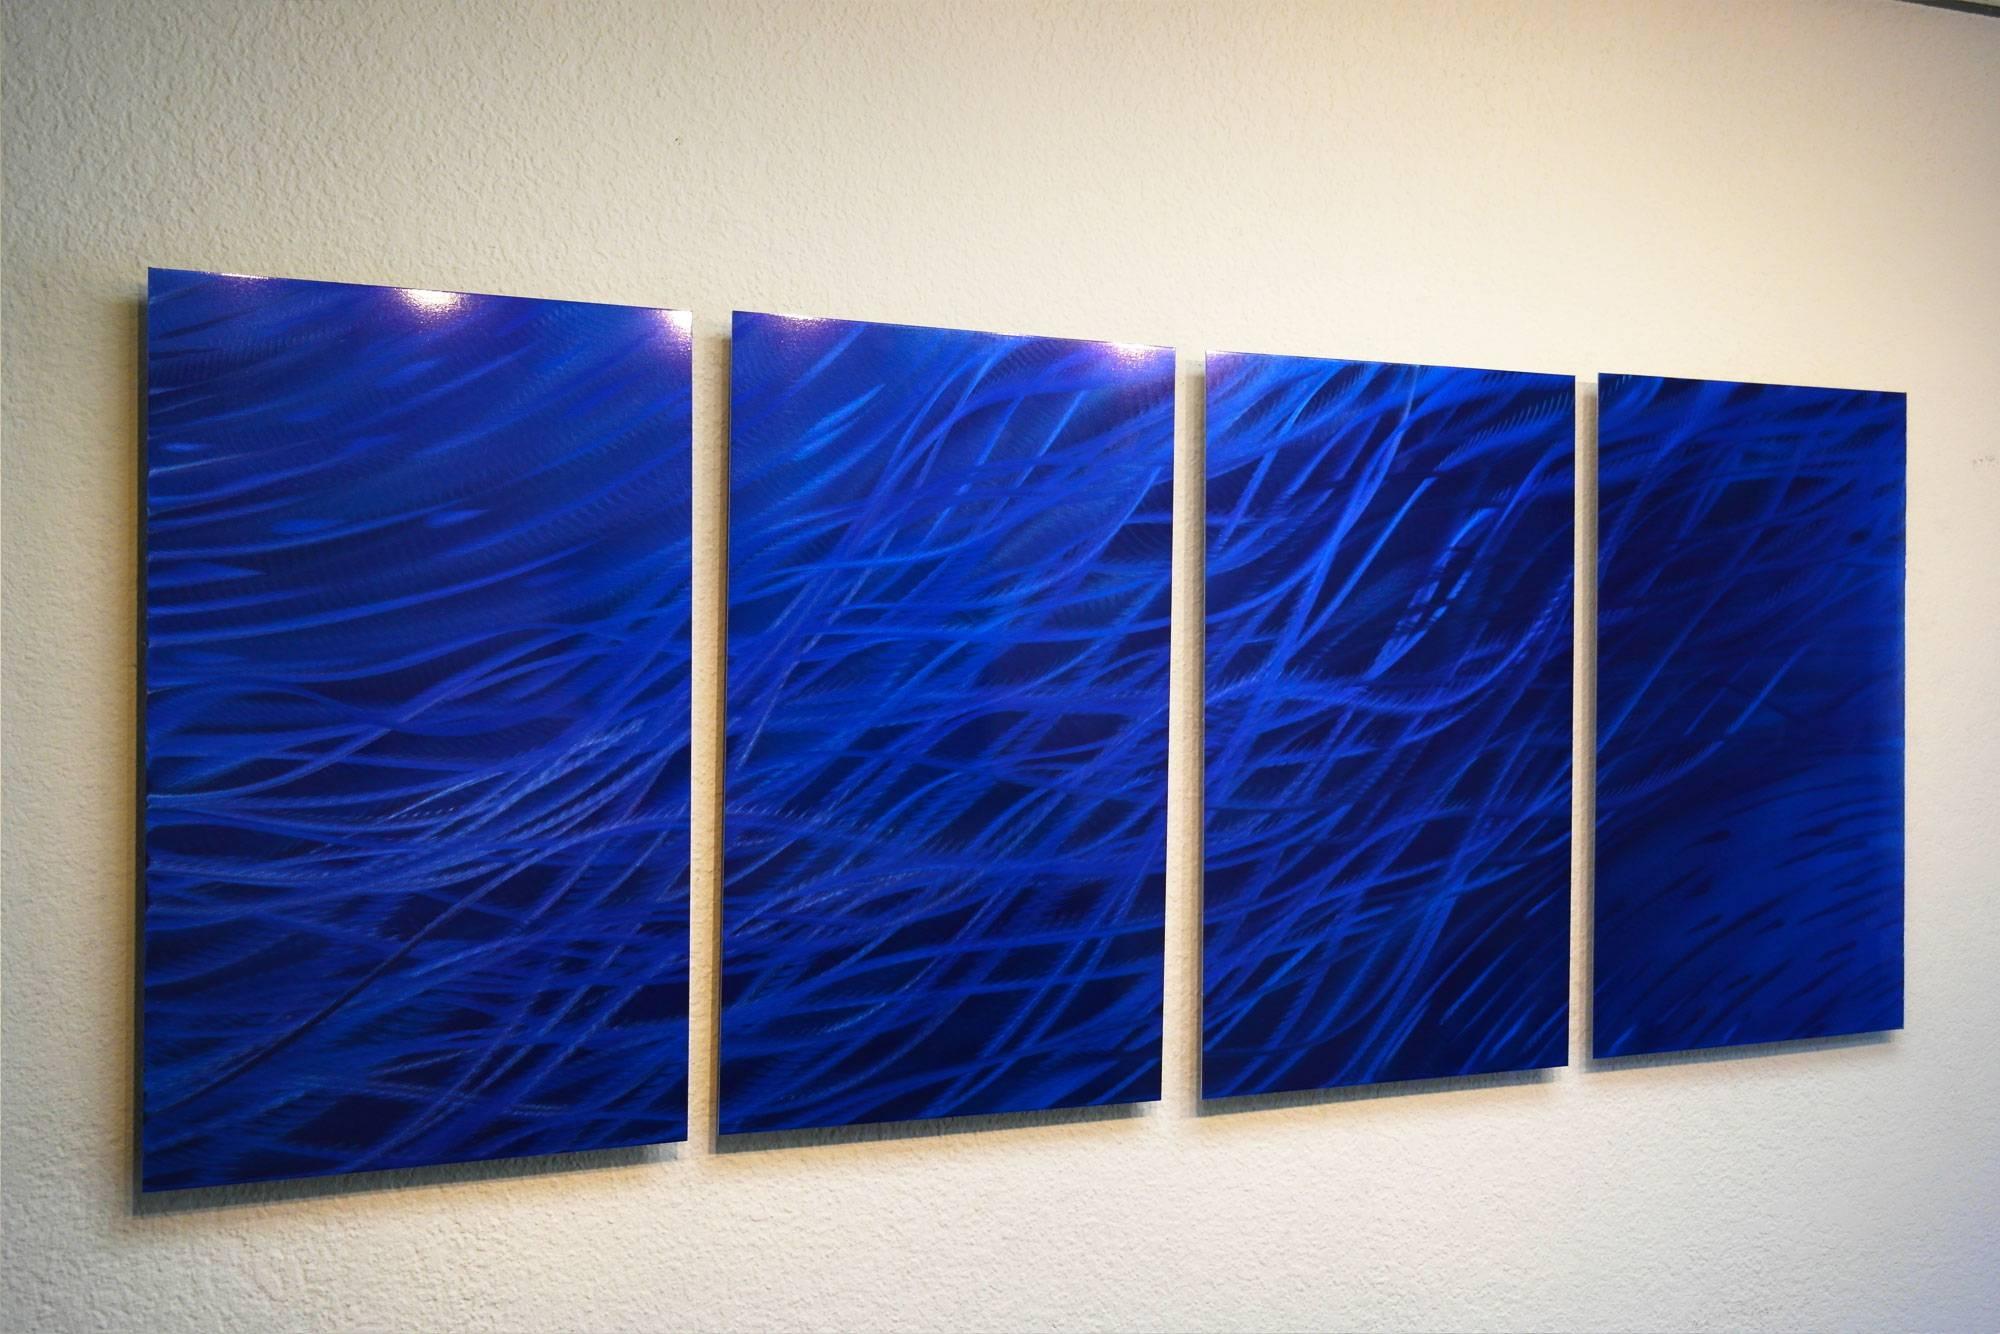 Ocean Dark Blue – Metal Wall Art Abstract Sculpture Modern Decor In Most Popular Blue Metal Wall Art (View 11 of 20)